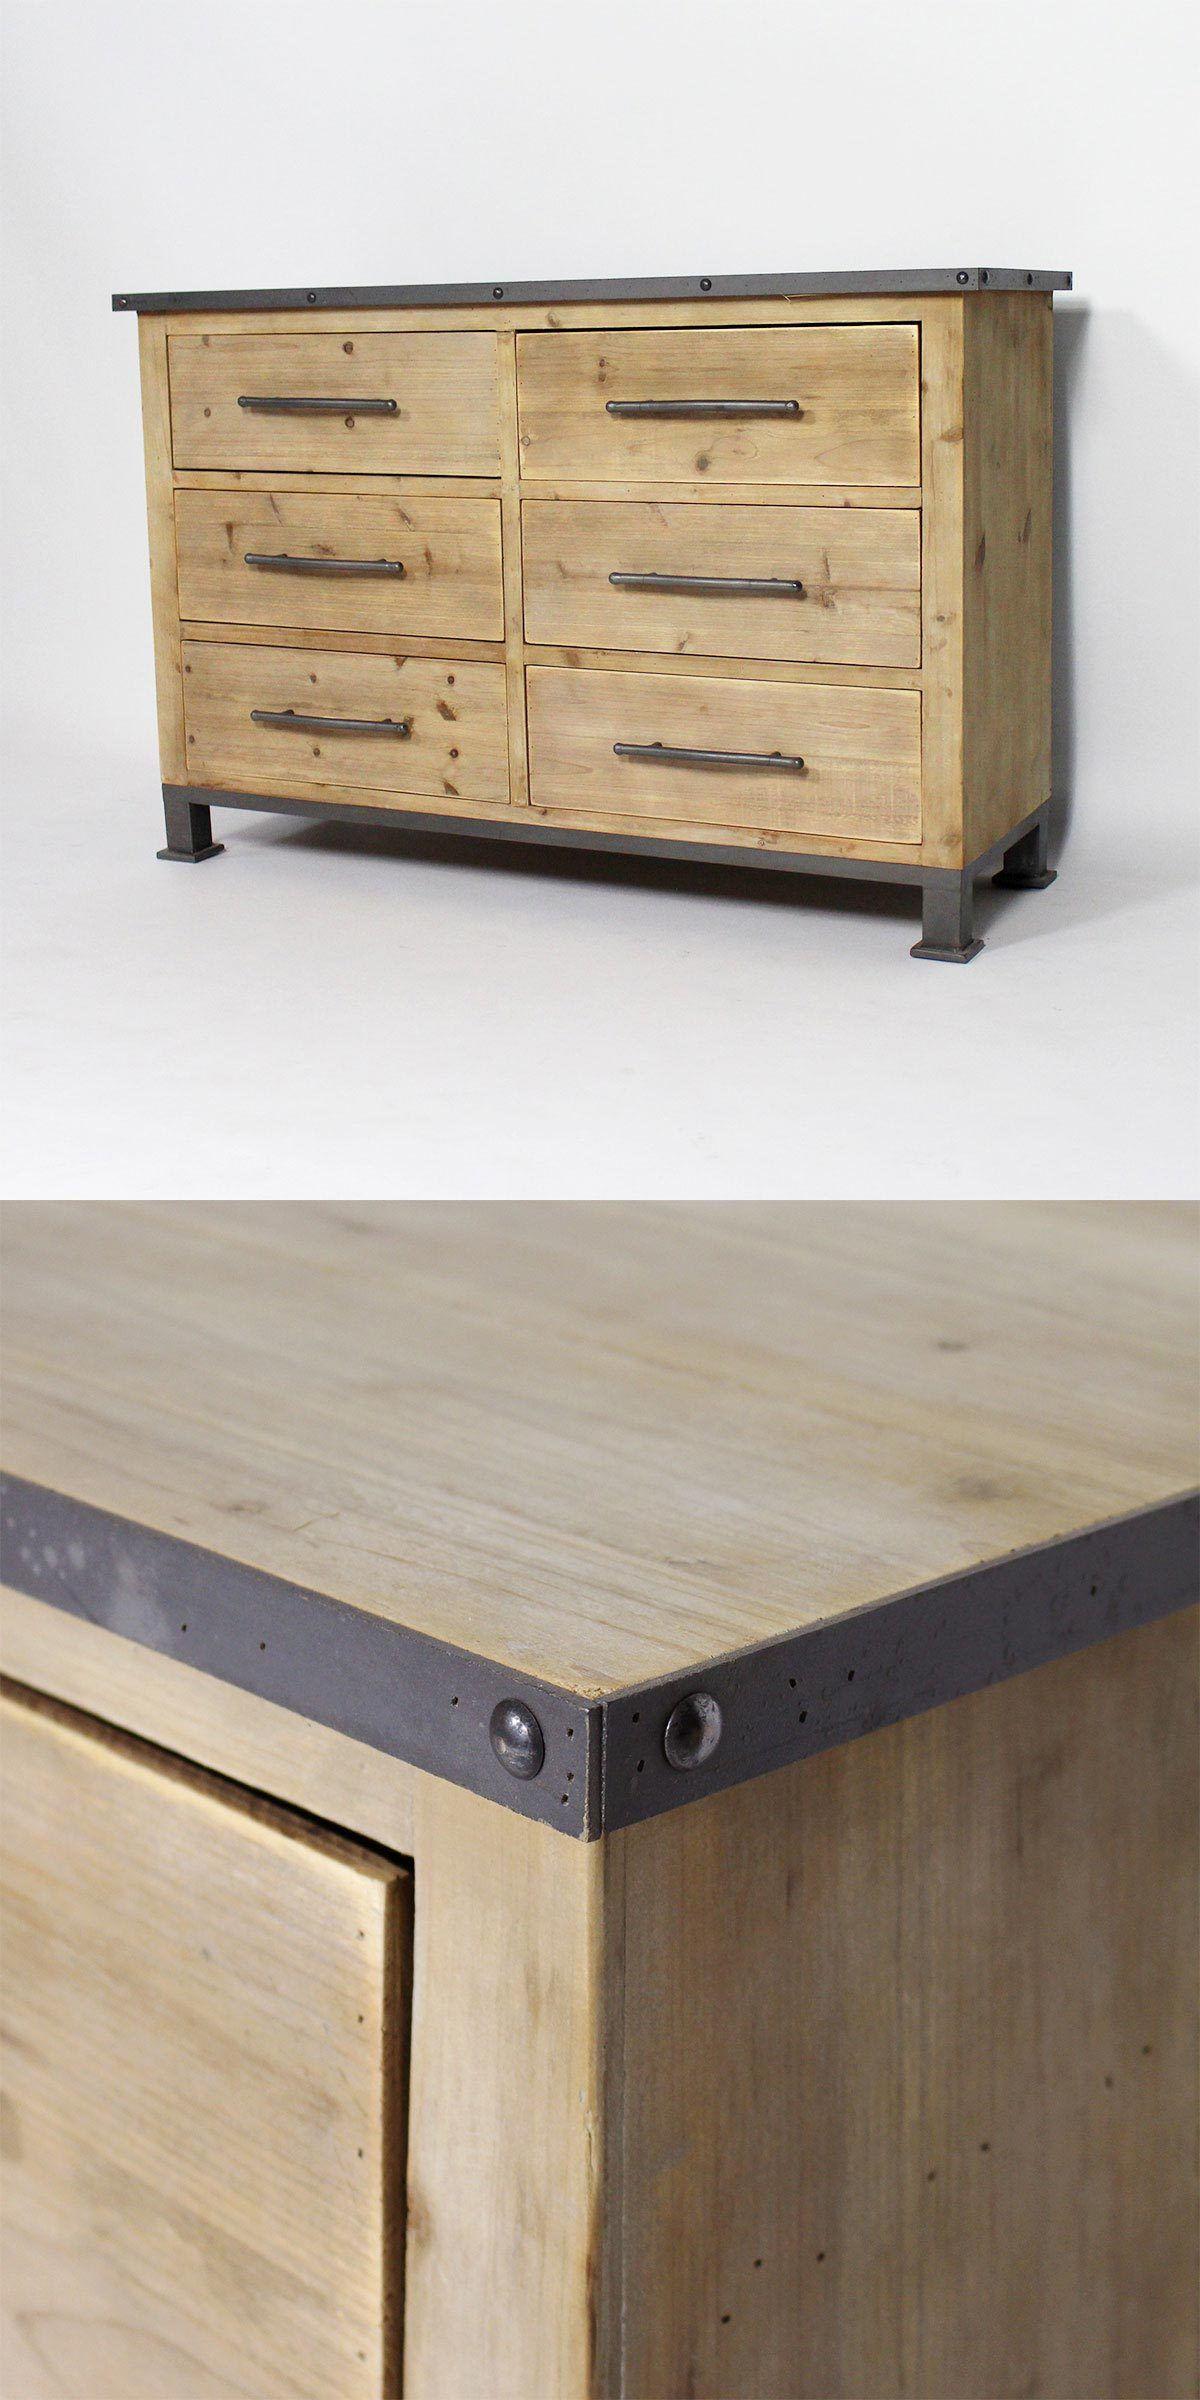 commode industrielle en bois et metal gris lignes epurees rivets apparents pour un